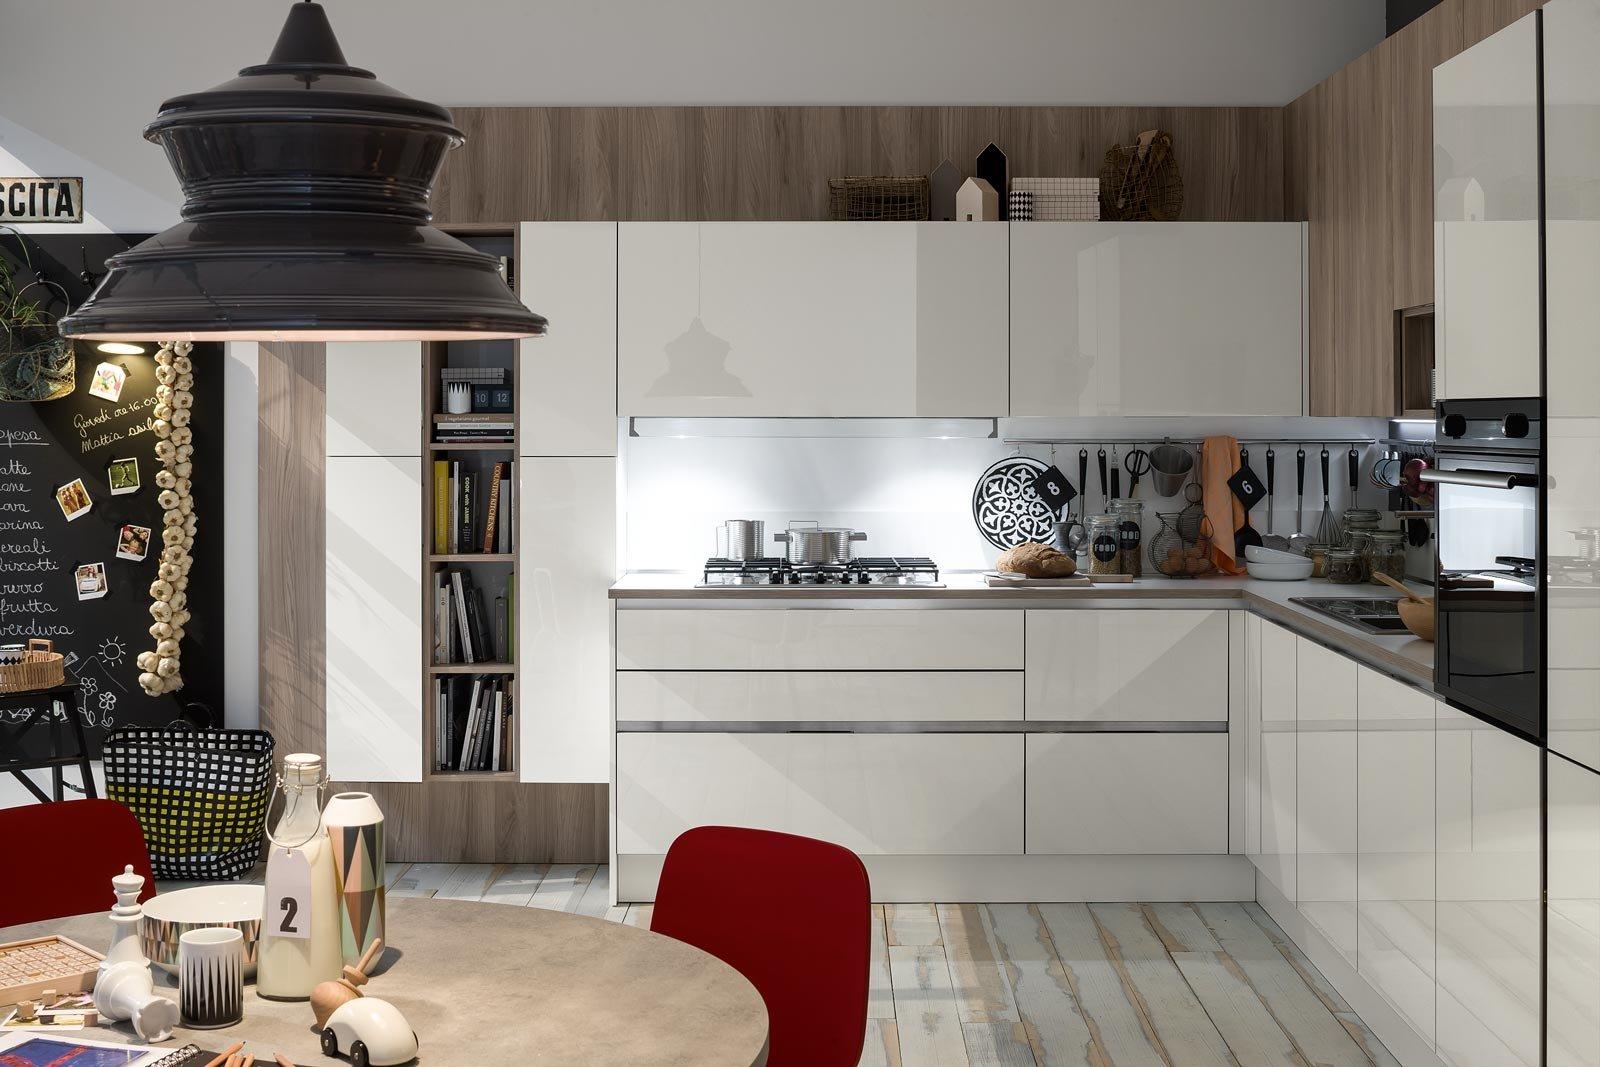 Cucina senza maniglie si apre con le gole cose di casa - Cucine legno e acciaio ...